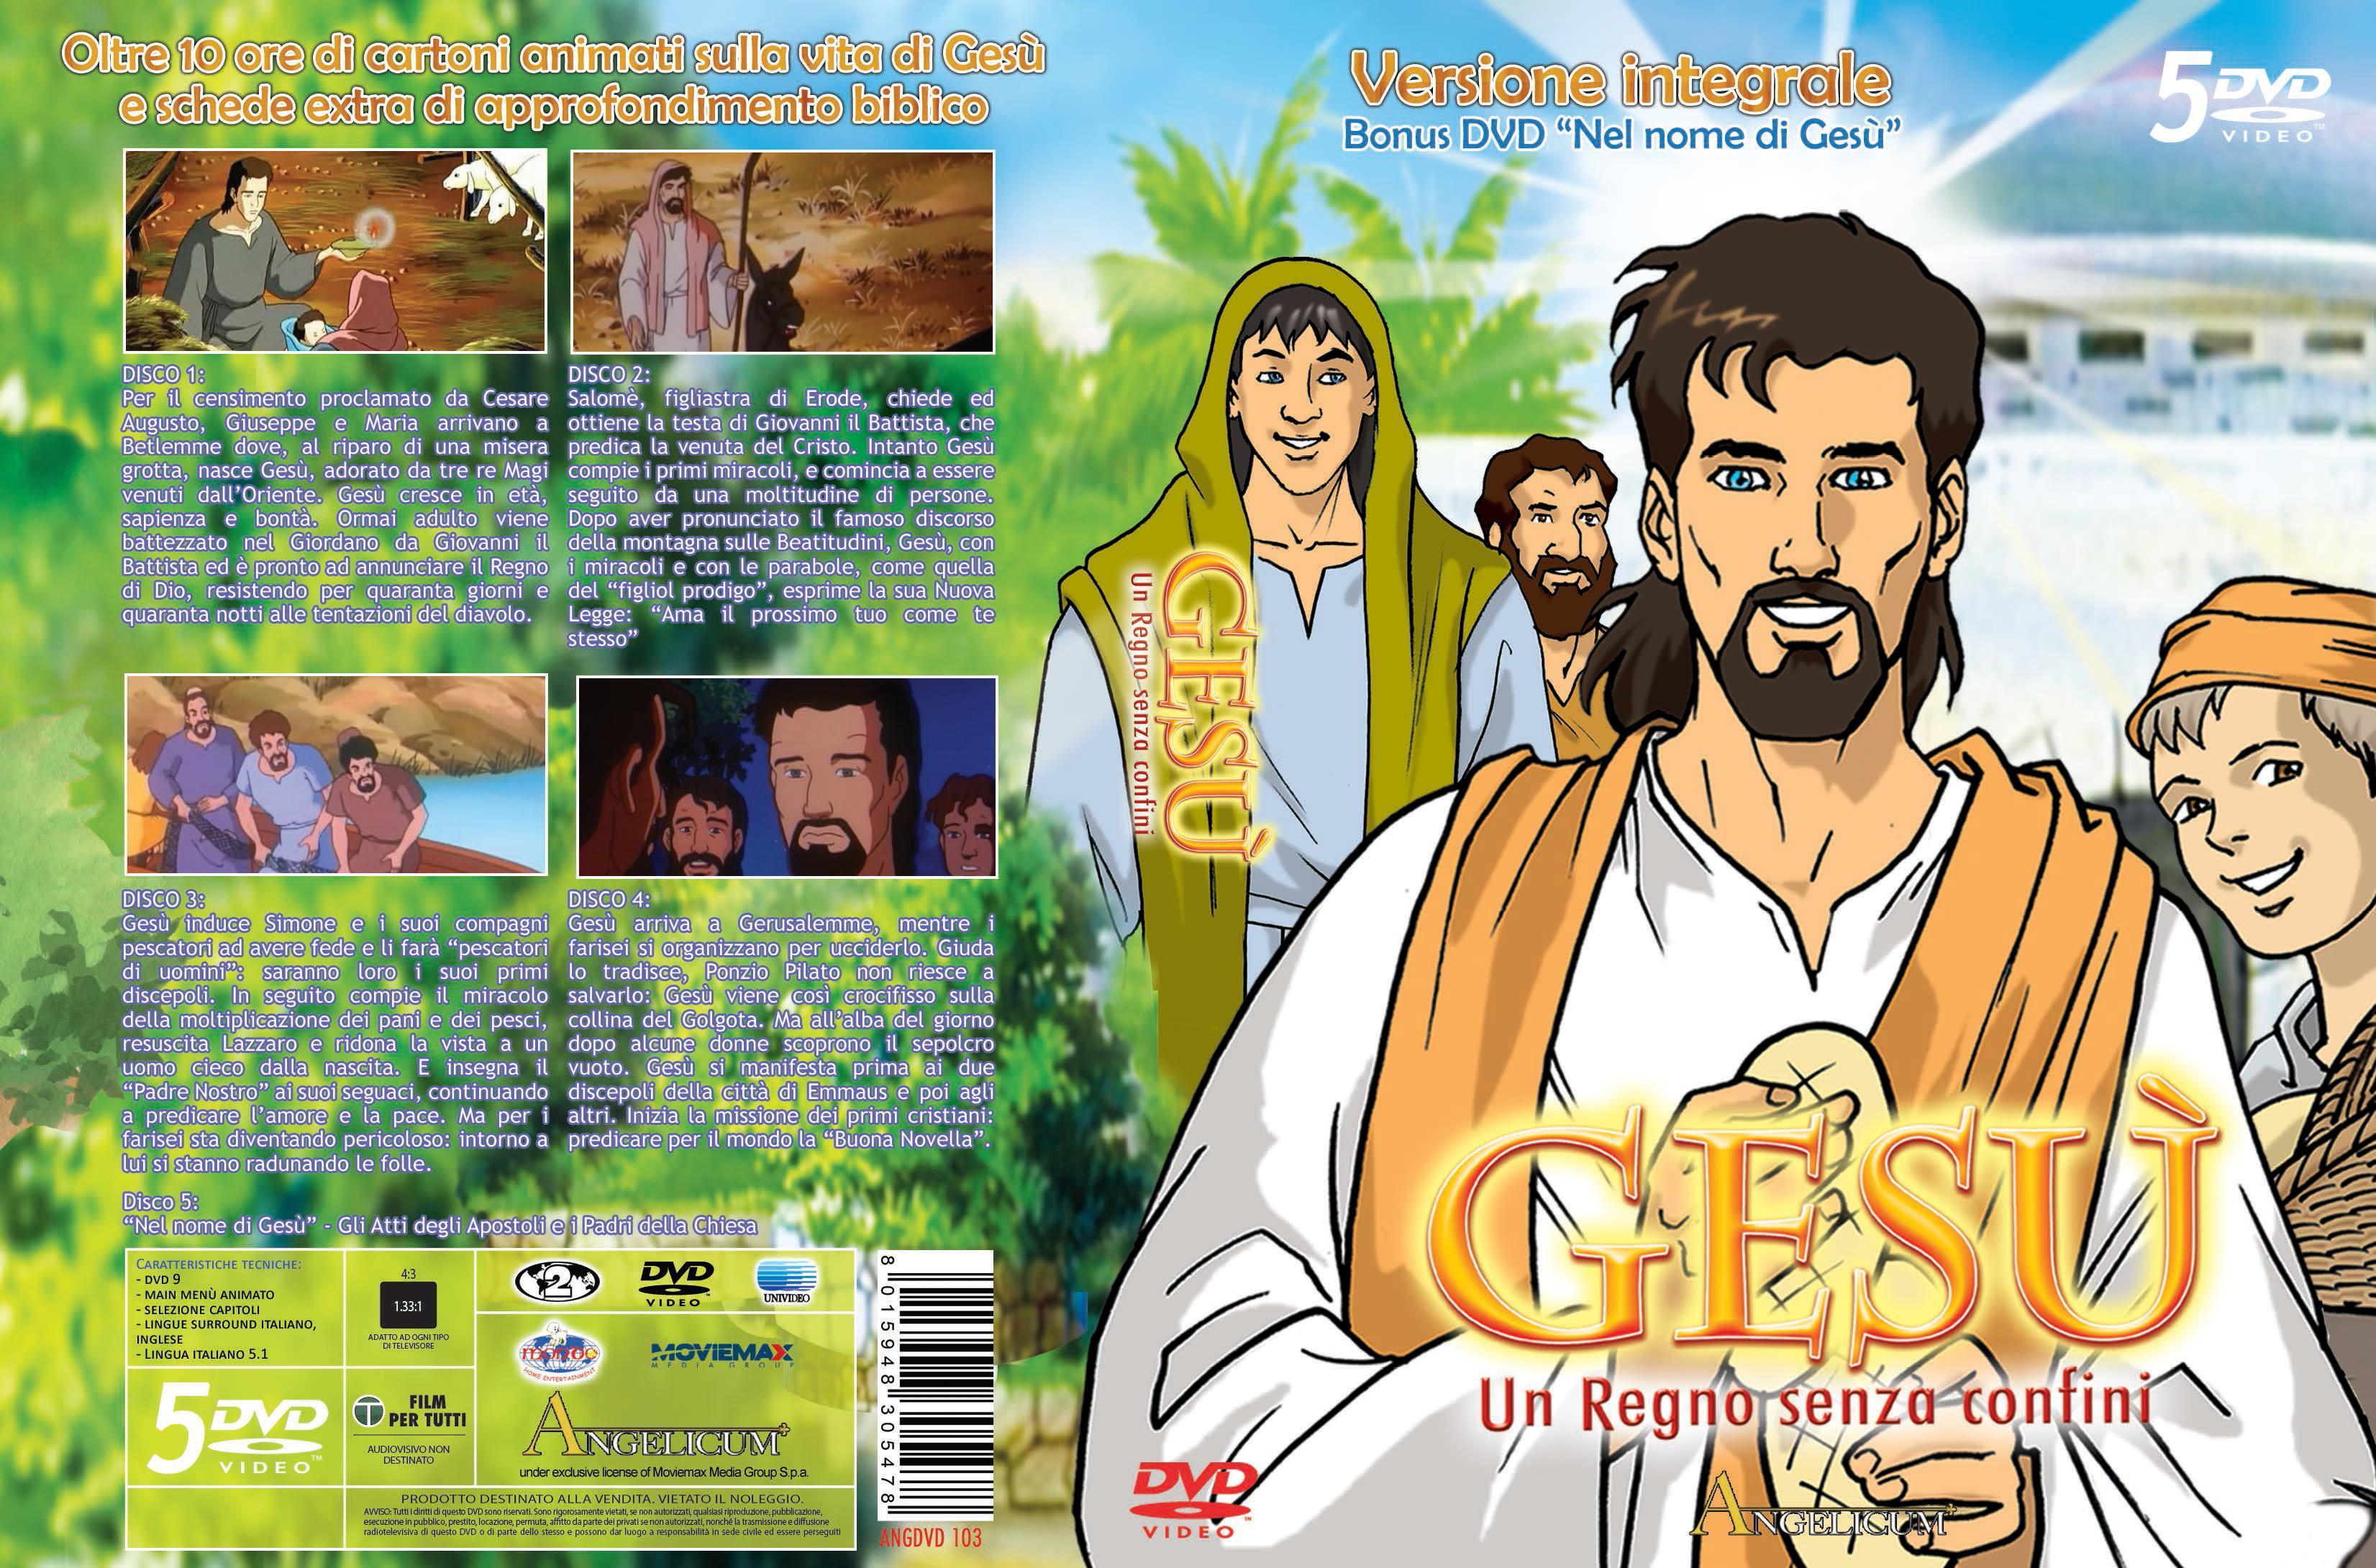 Gesù. un regno senza confini versione integrale nel nome di gesù